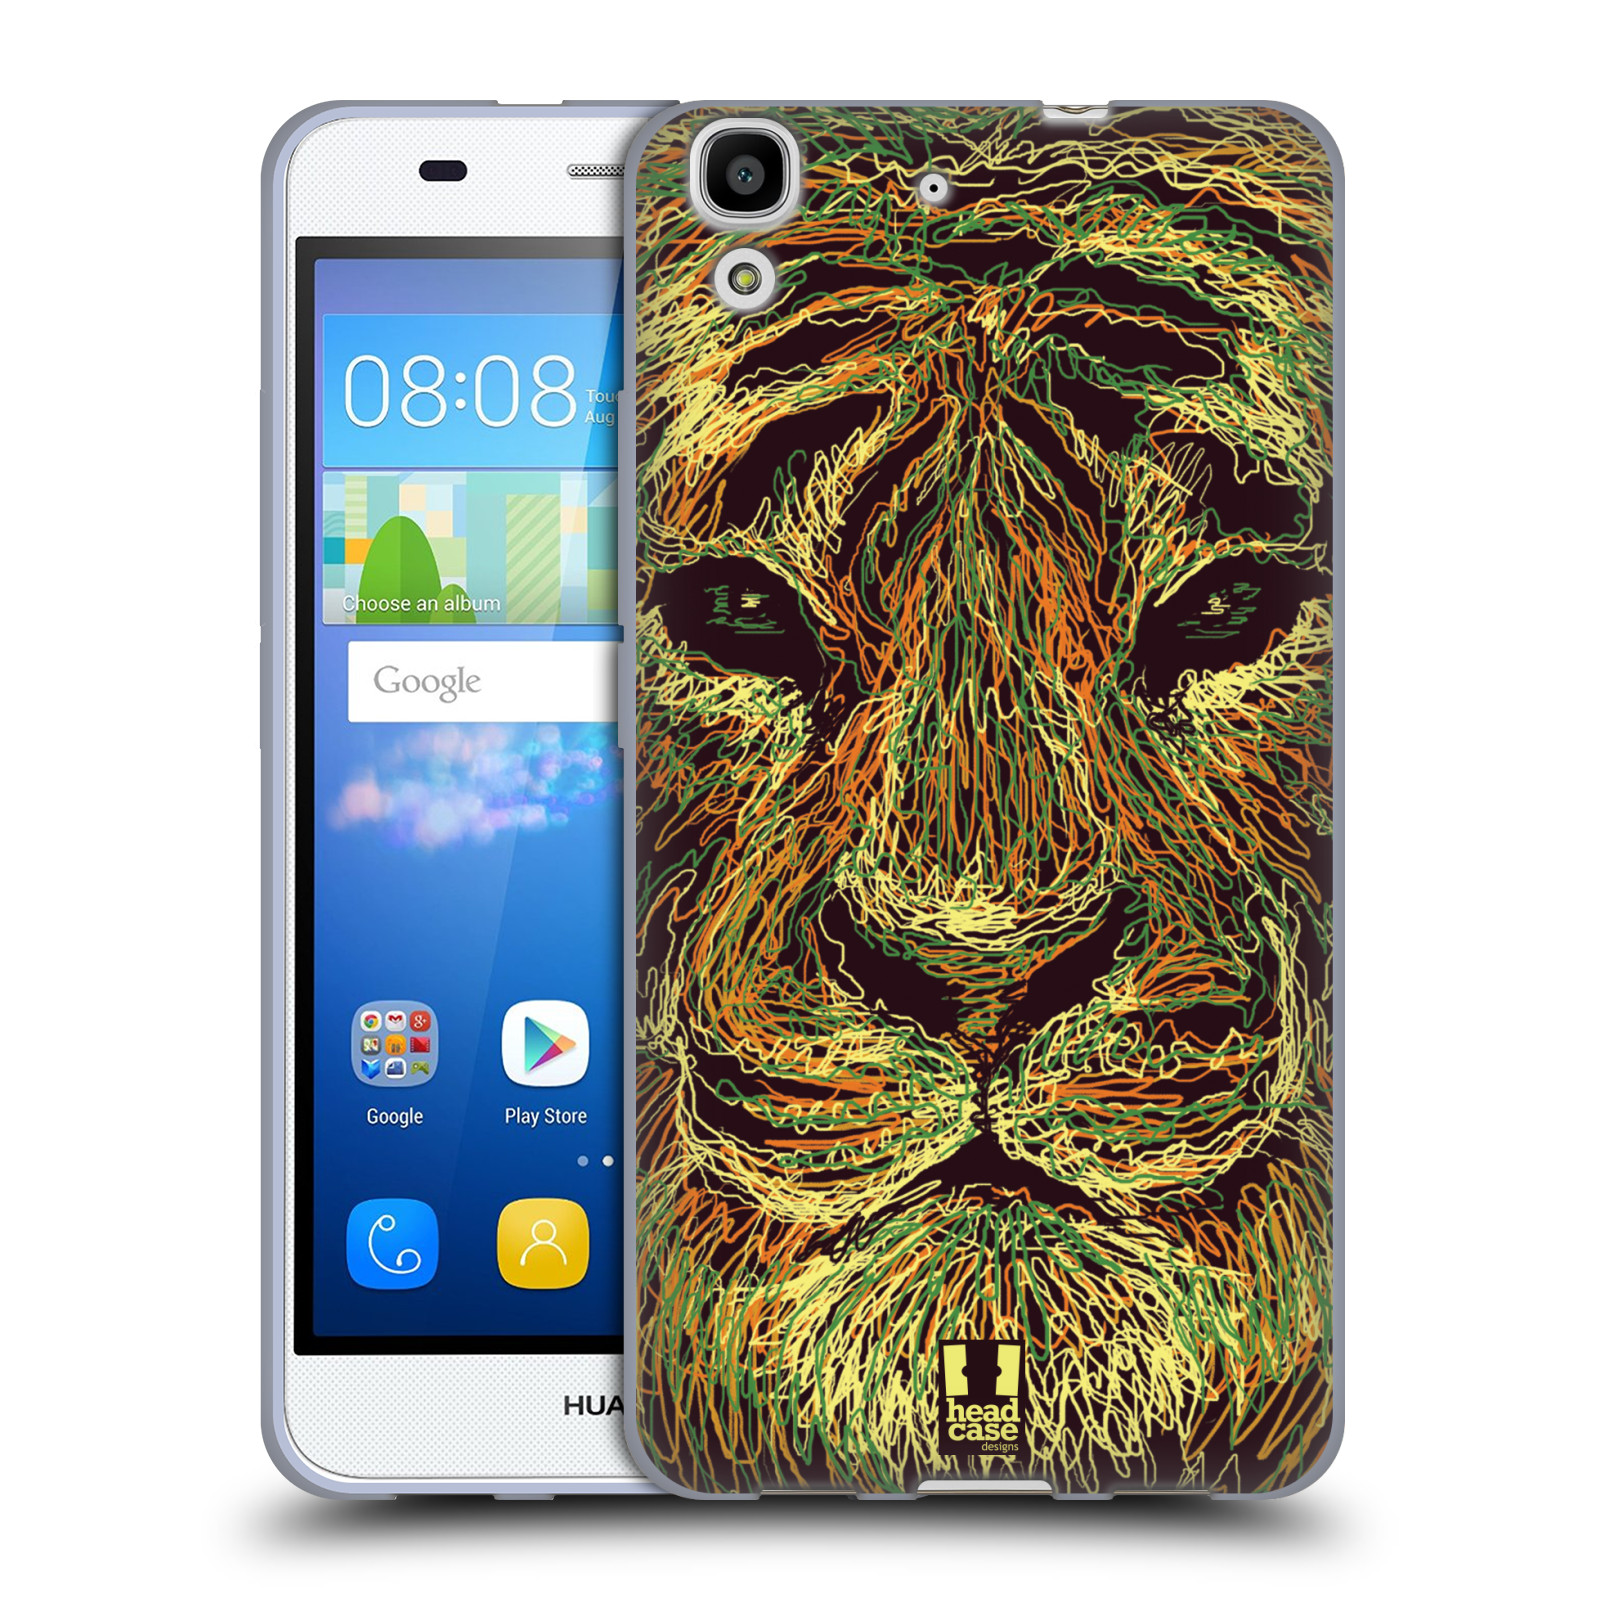 HEAD CASE silikonový obal na mobil HUAWEI Y6 vzor zvíře čmáranice tygr